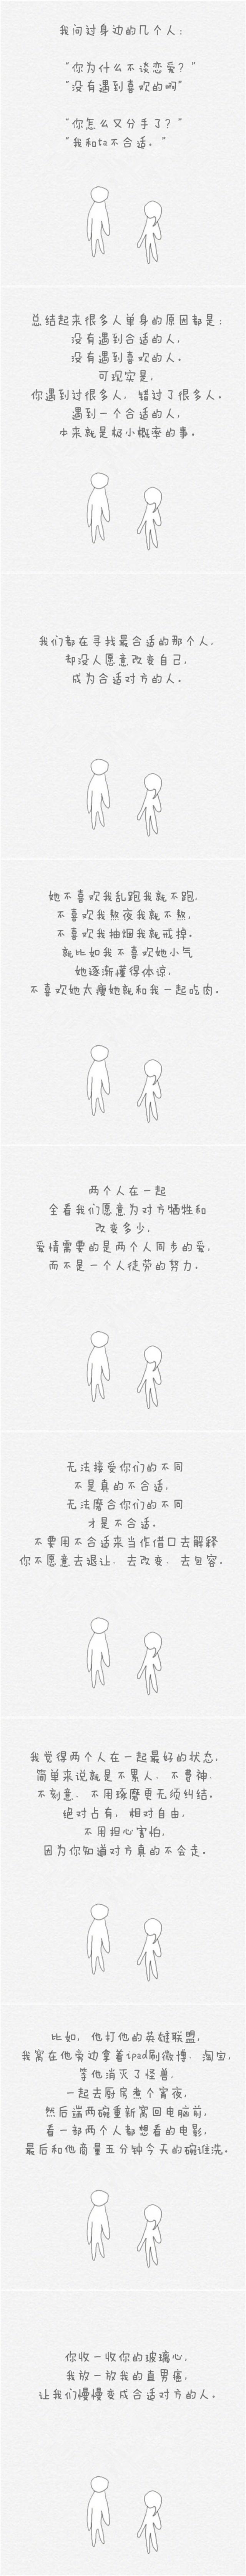 让我们慢慢成为适合对方的人。